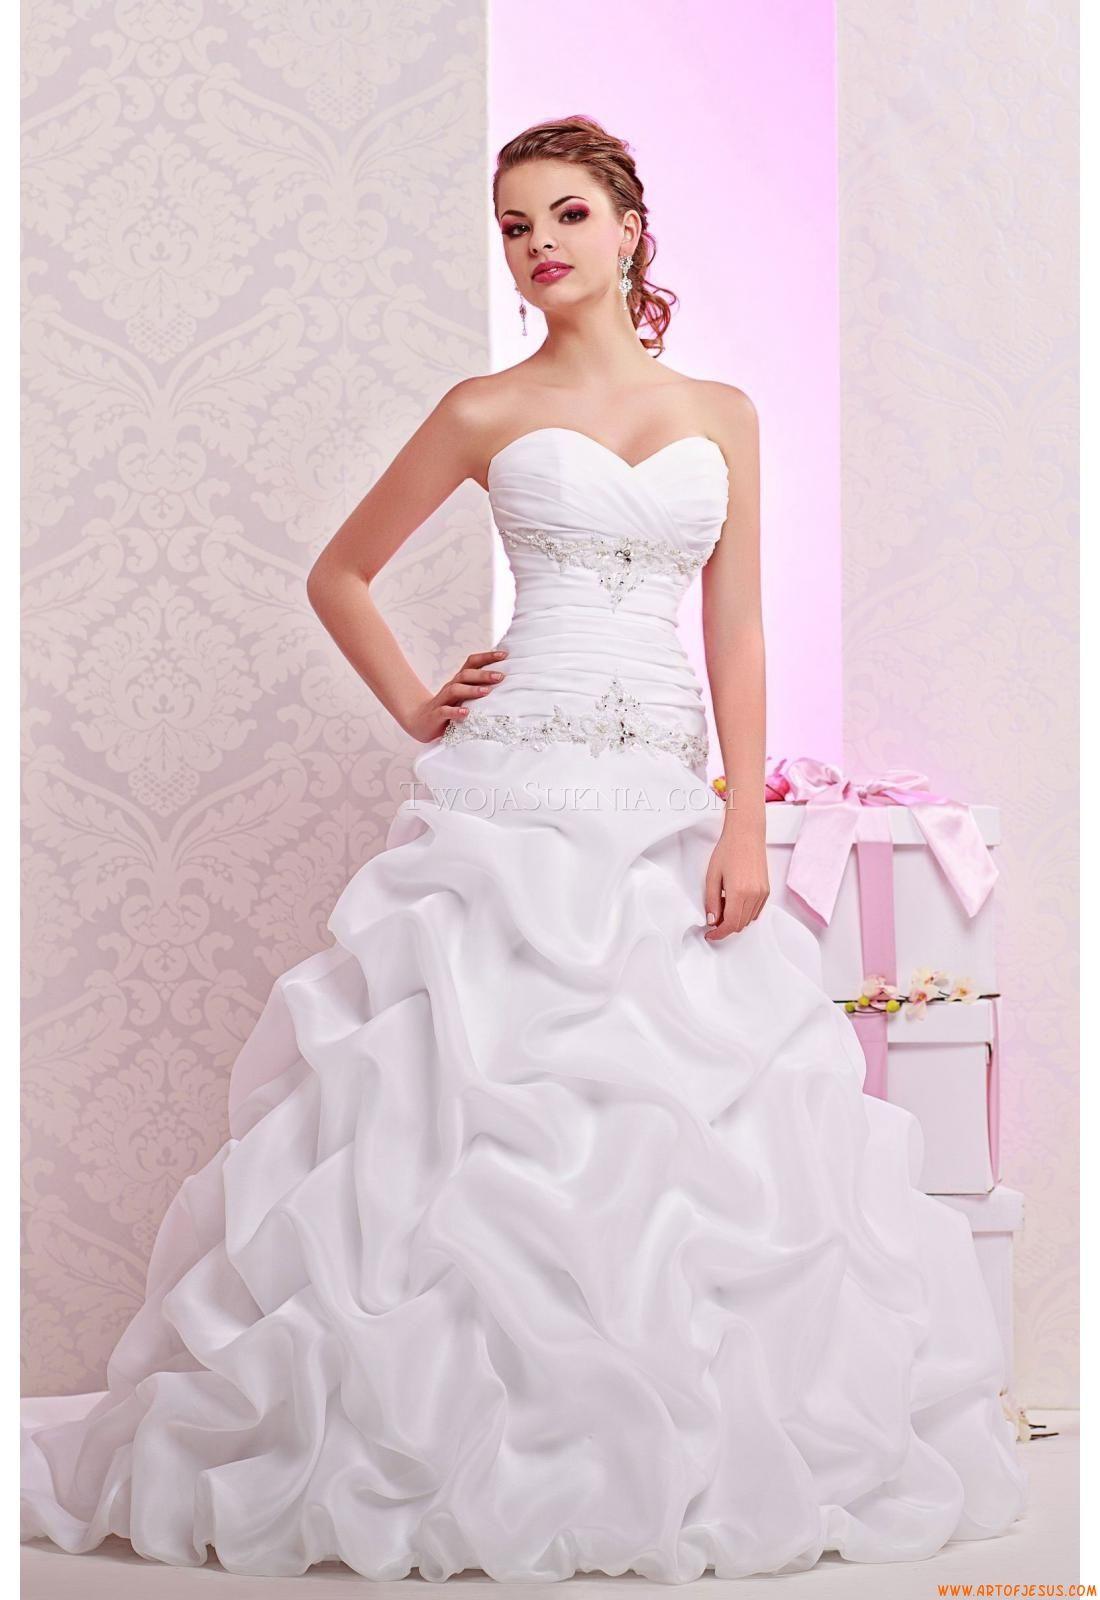 Brautkleider fur kleine frauen